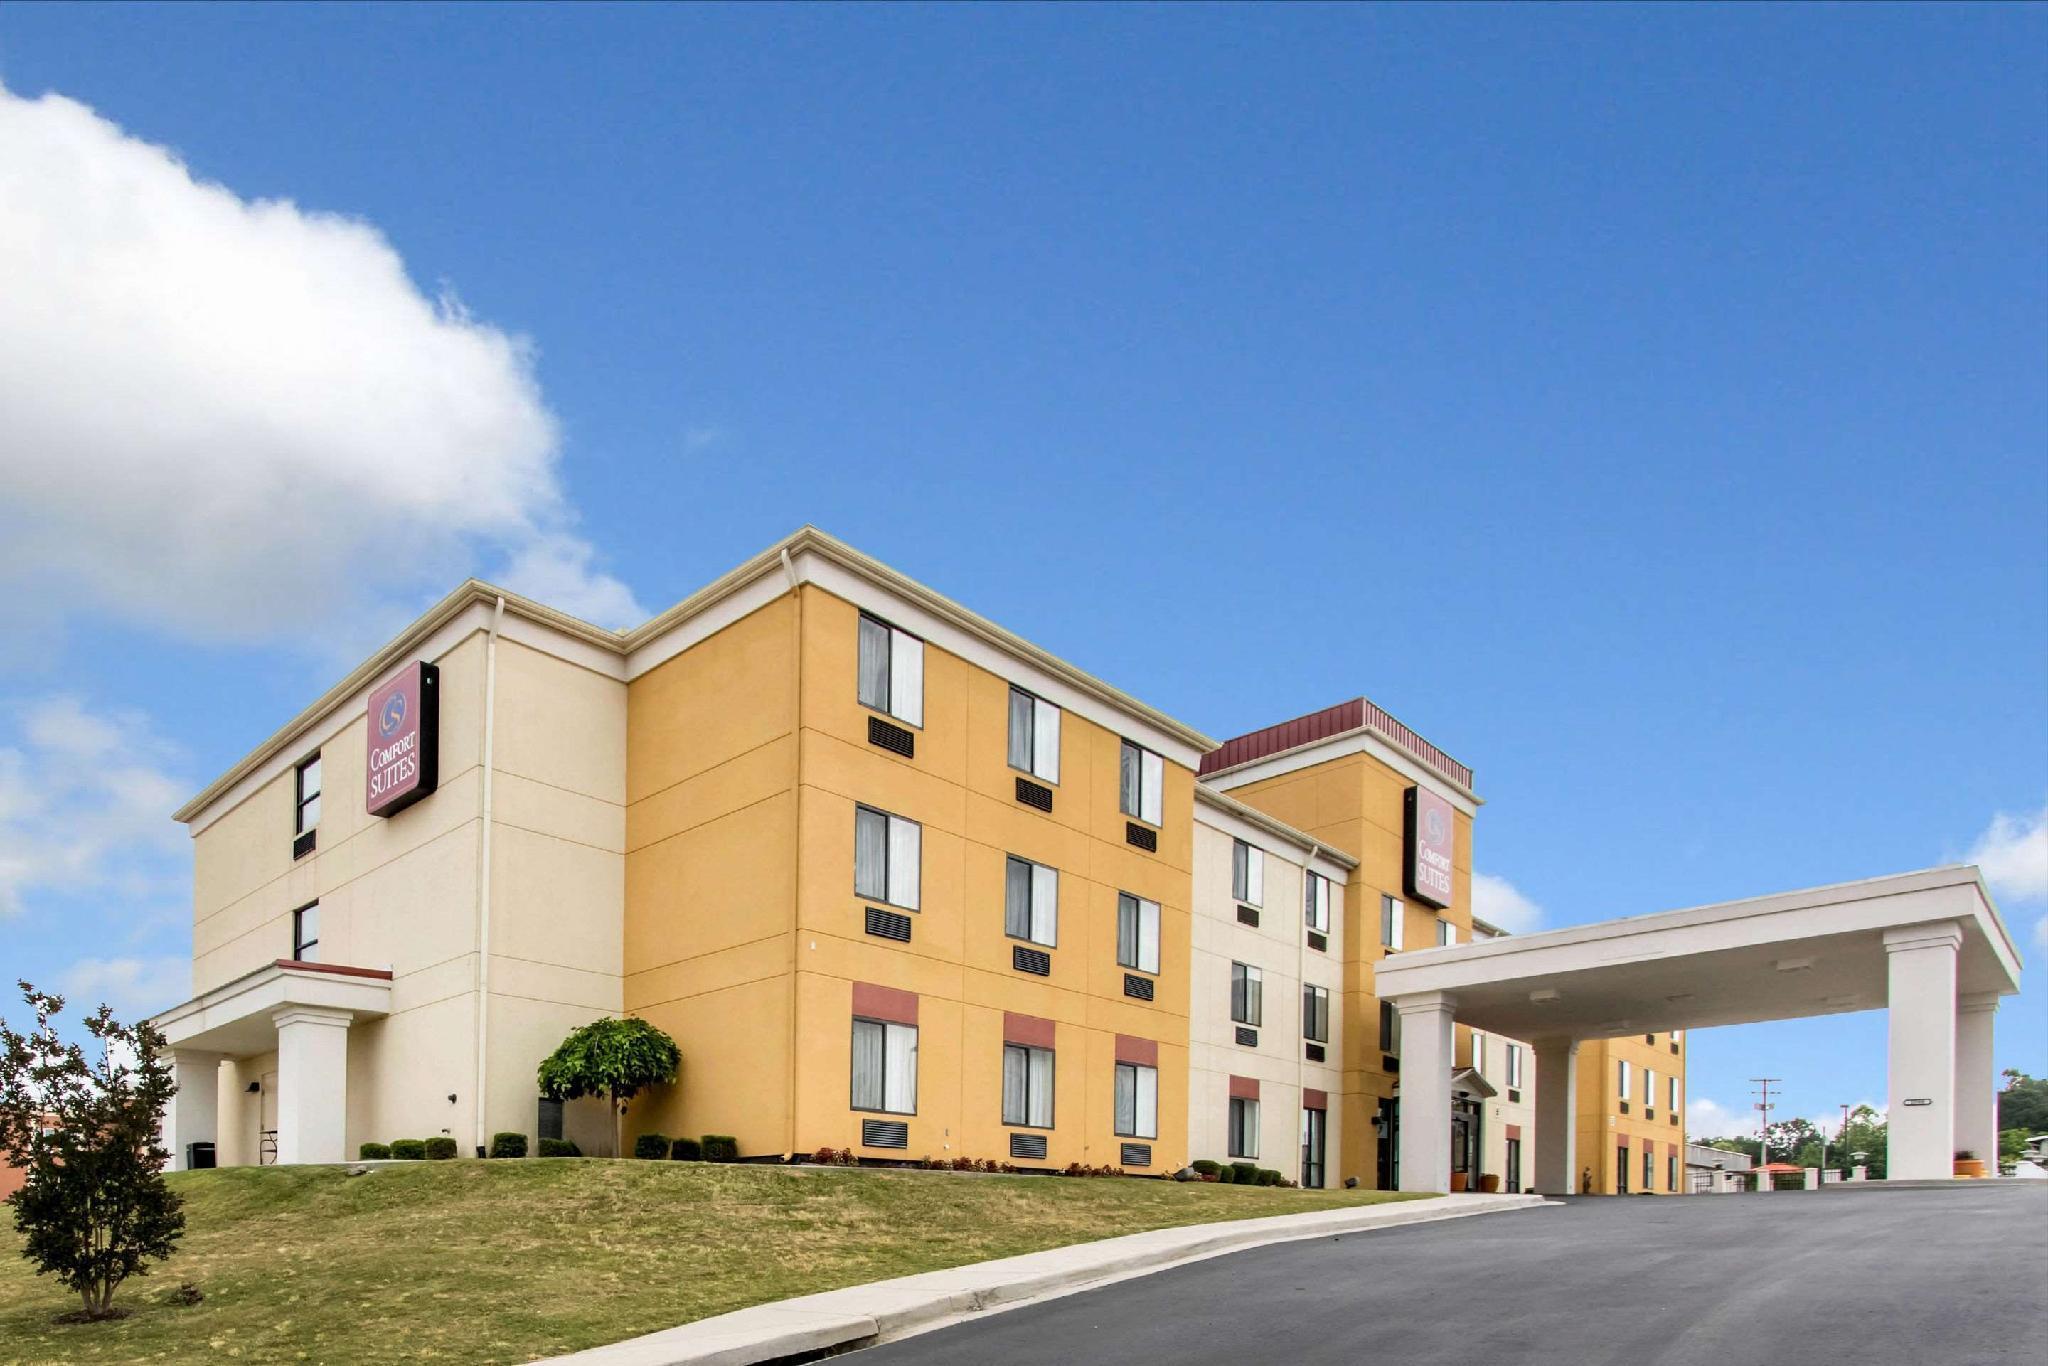 Comfort Suites Cullman I 65 Exit 310